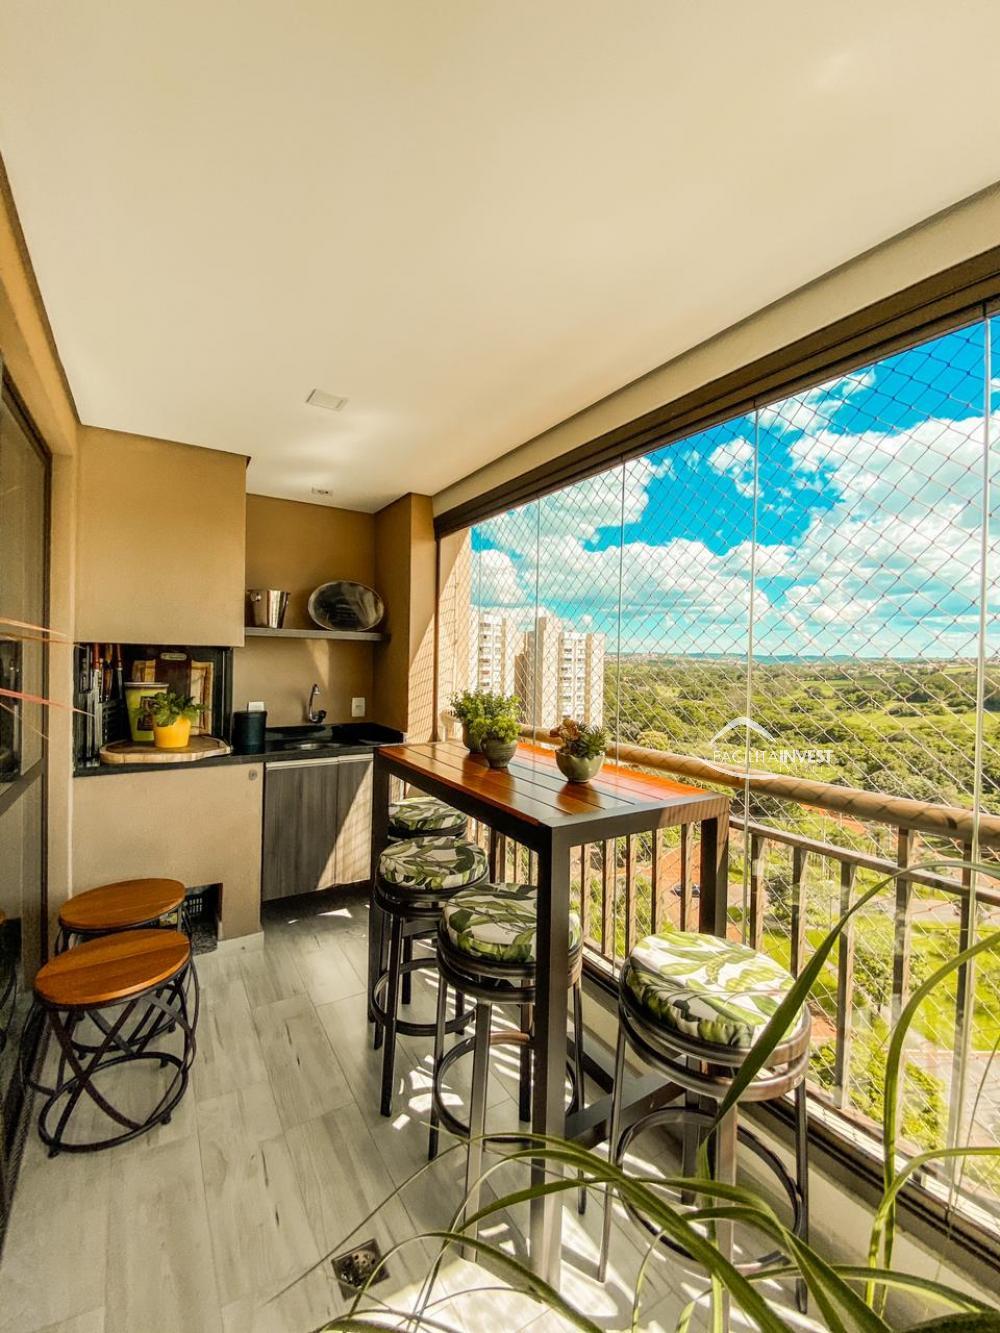 Comprar Apartamentos / Apart. Padrão em Ribeirão Preto apenas R$ 565.000,00 - Foto 2